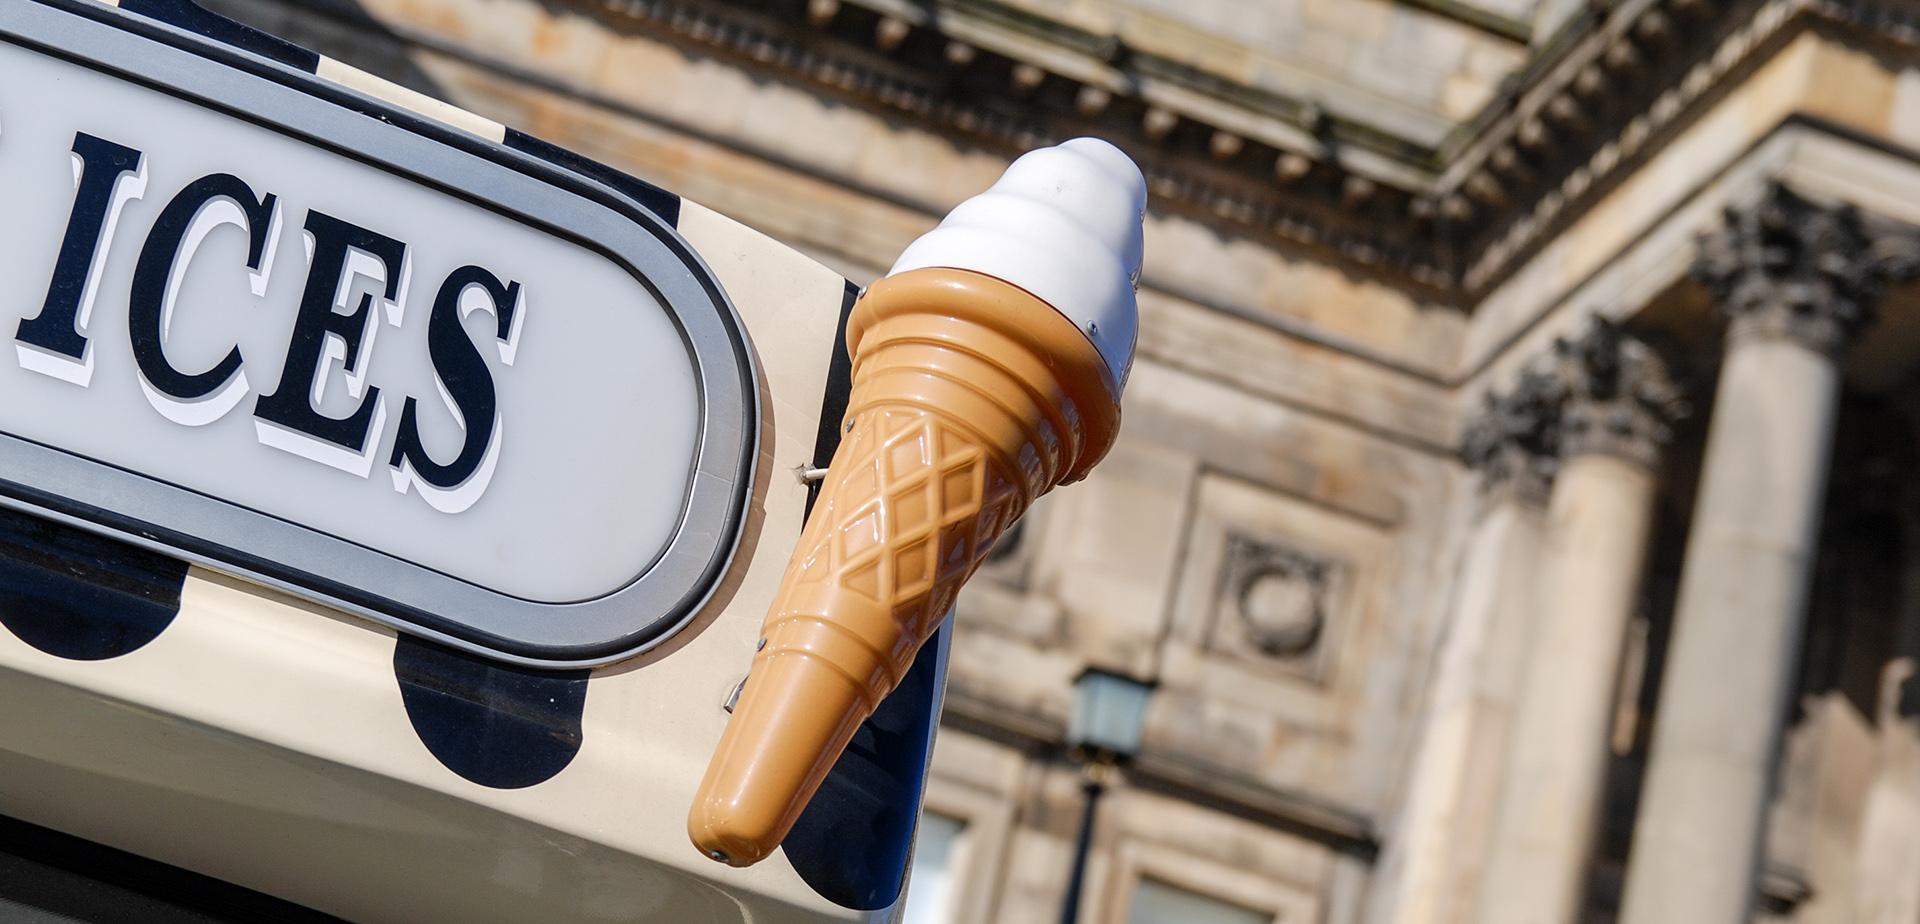 Ice Cream & Catering